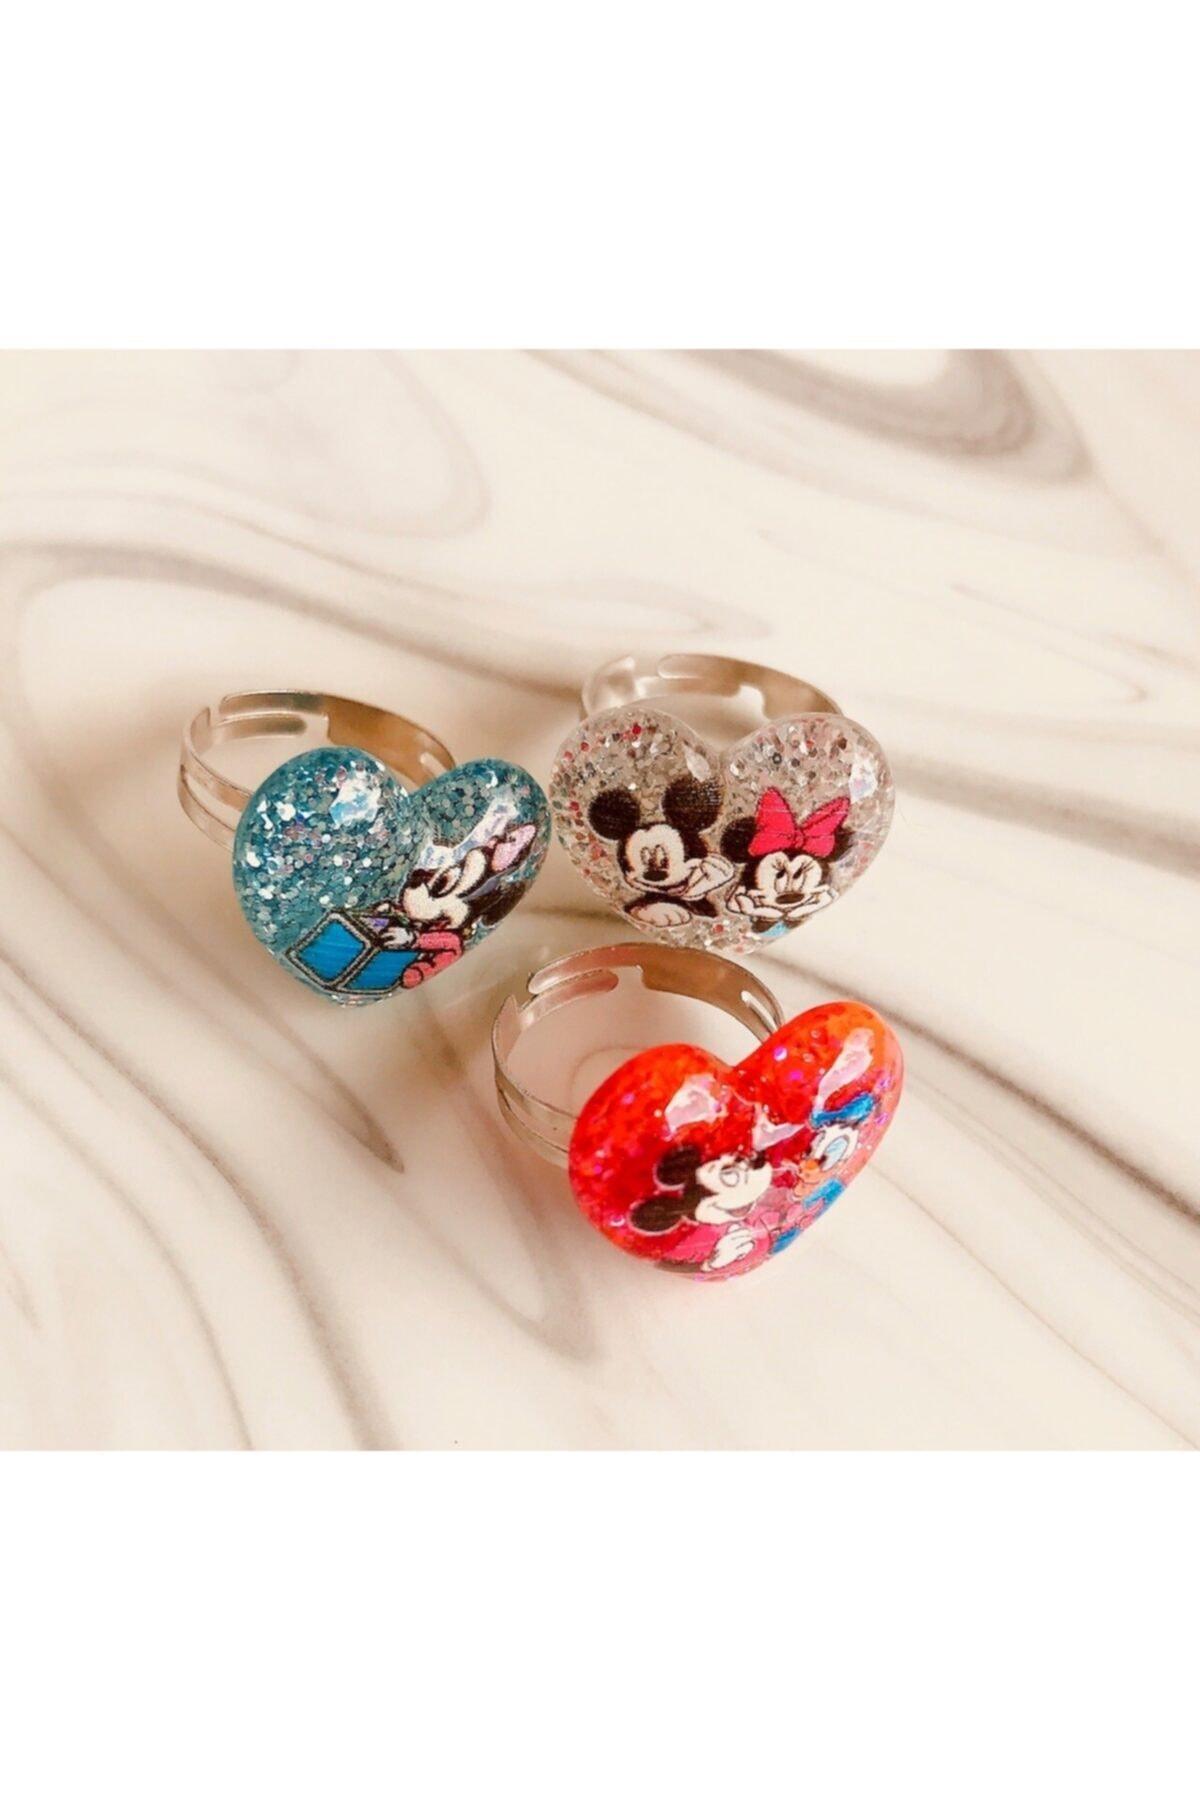 Yeşim Aksesuar Mini Mouse Ayarlanabilir Çocuk Yüzük (3 Adet)/ Mickey Mouse Çocuk Yüzüğü 1